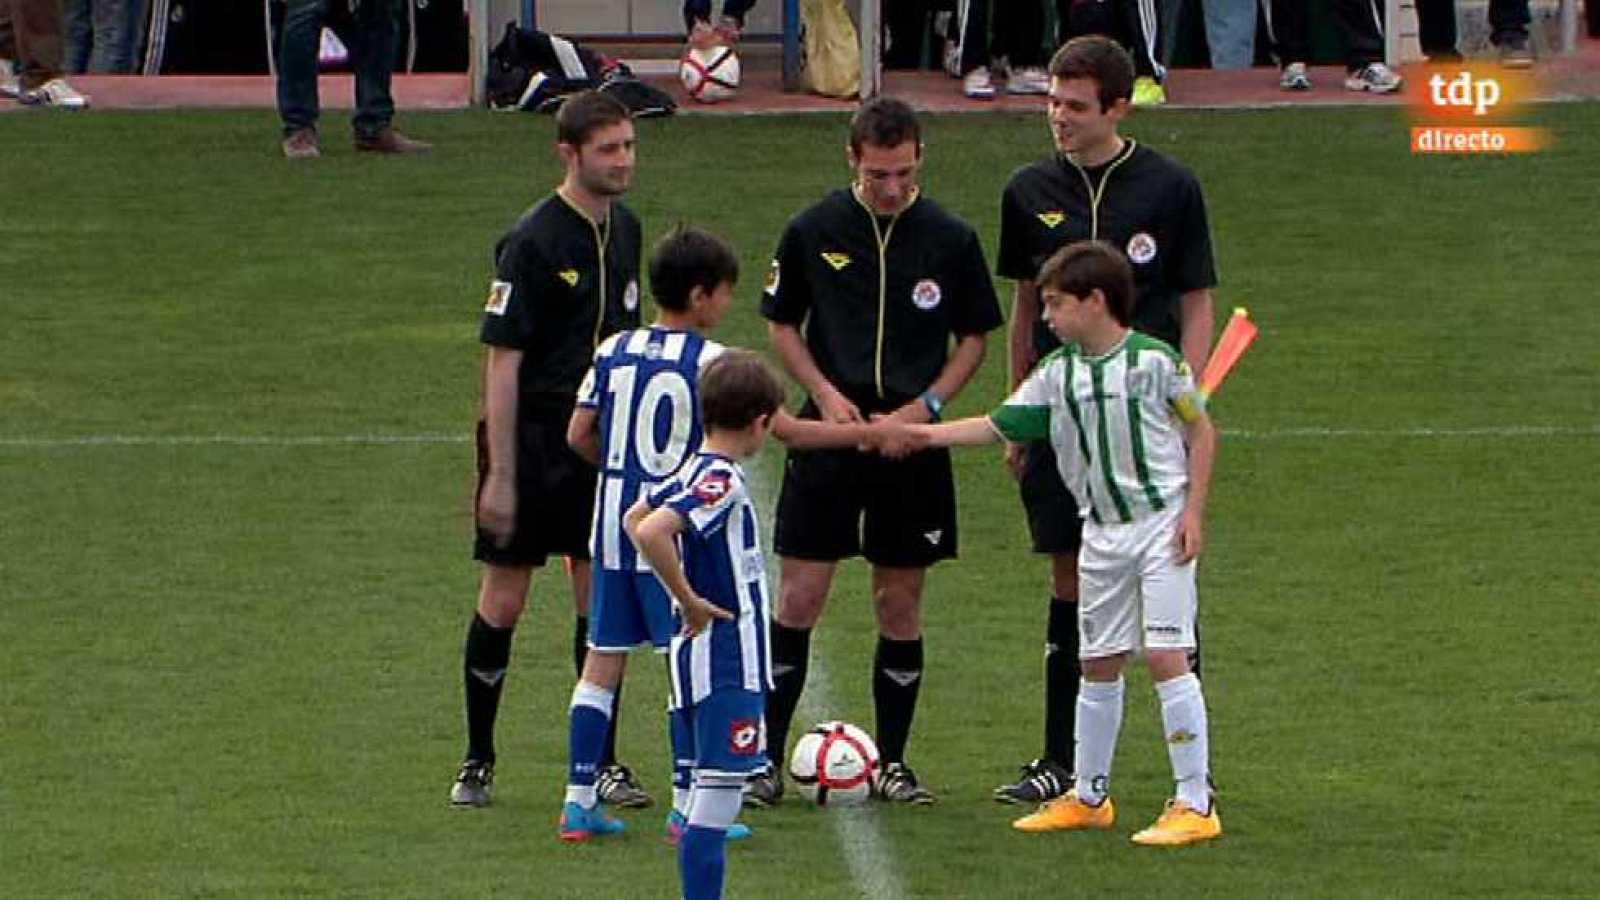 Para todos los públicos Fútbol - Iscar Cup - 3º y 4º puesto  Deportivo de  La Coruña-Córdoba reproducir video ee0e86ef27190